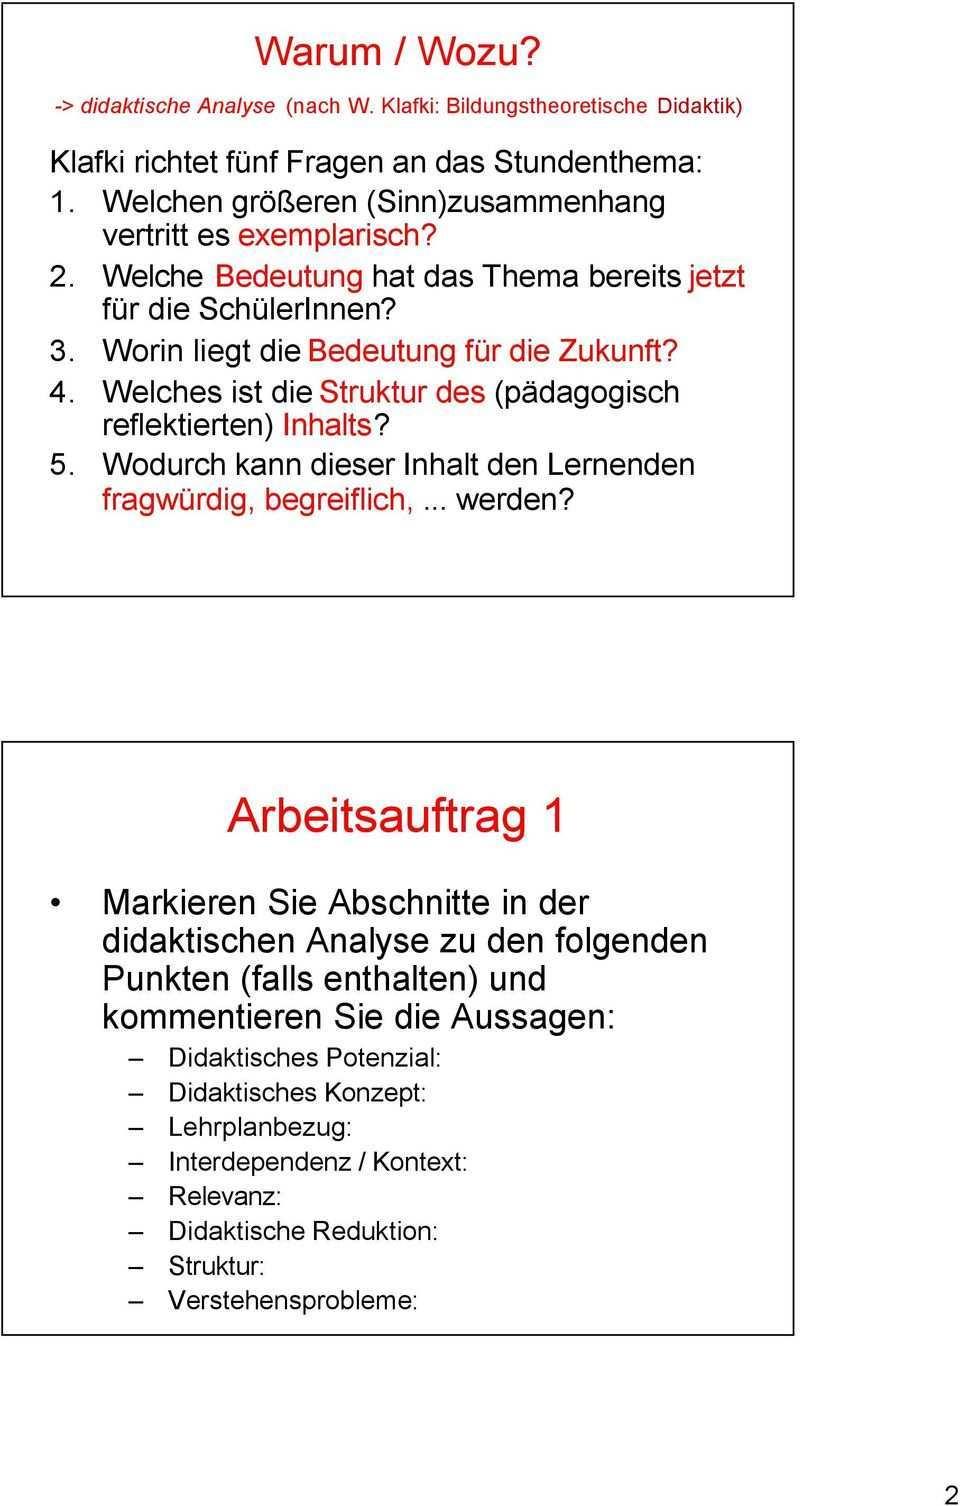 Studienseminar Koblenz Didaktische Analyse Und Intentionen Entscheidungen Zur Didaktik Im Zusammenhang Mit Dem Stundenentwurf Pdf Free Download